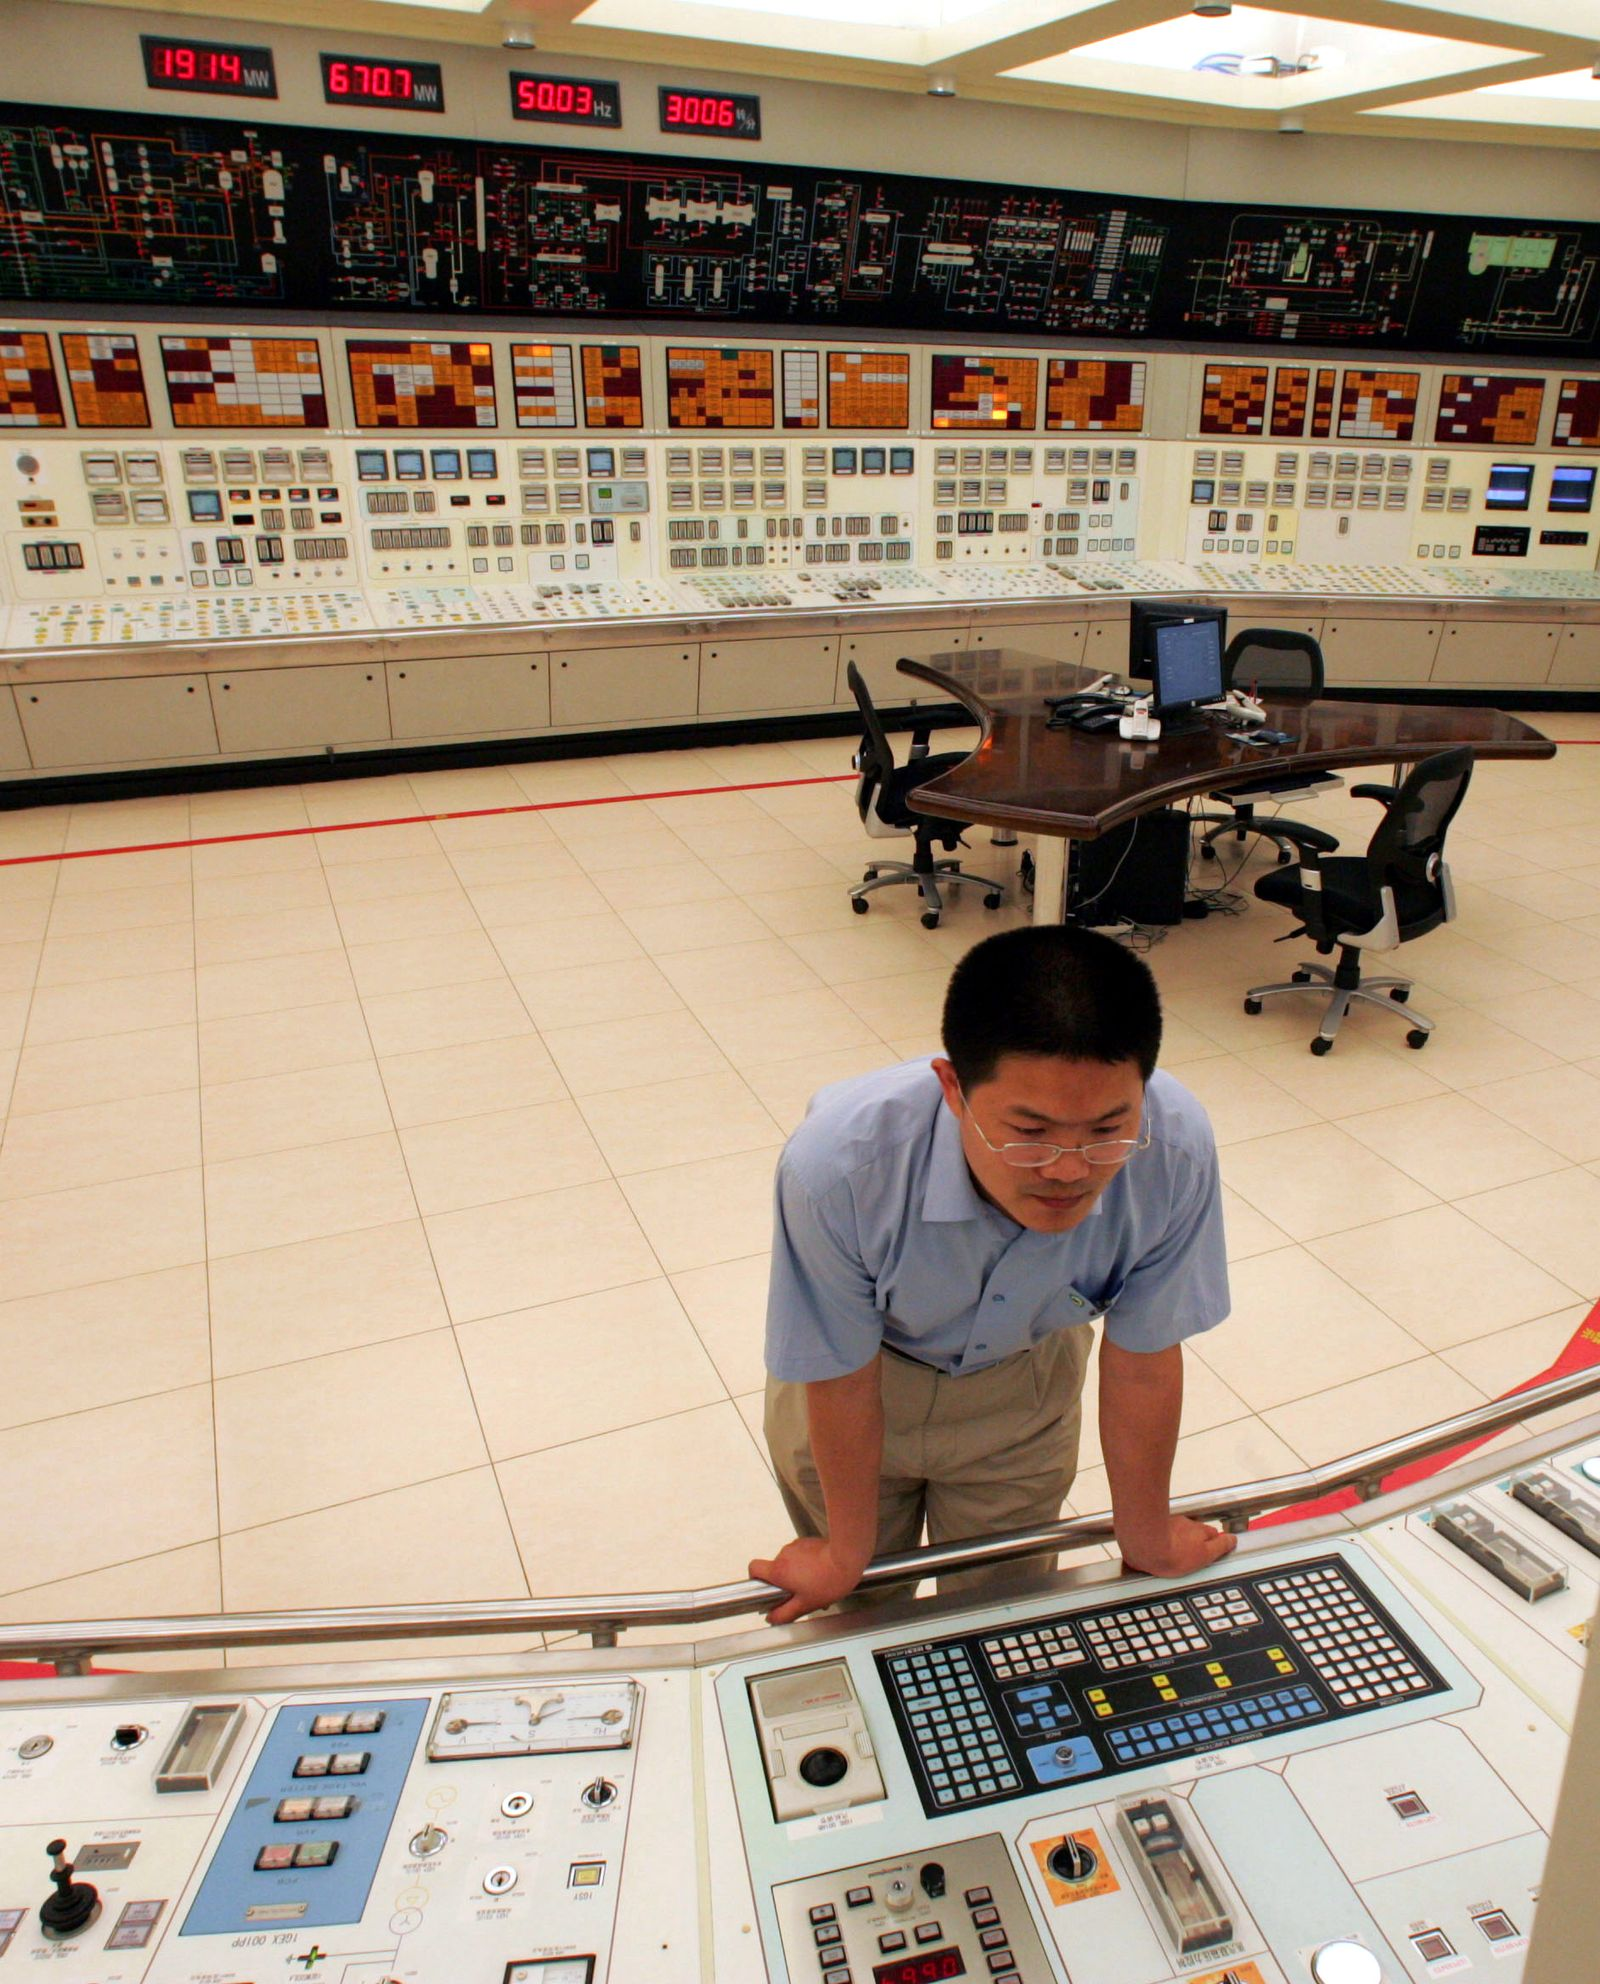 China / CNNC / Atomkraft / AKW Kontrollraum